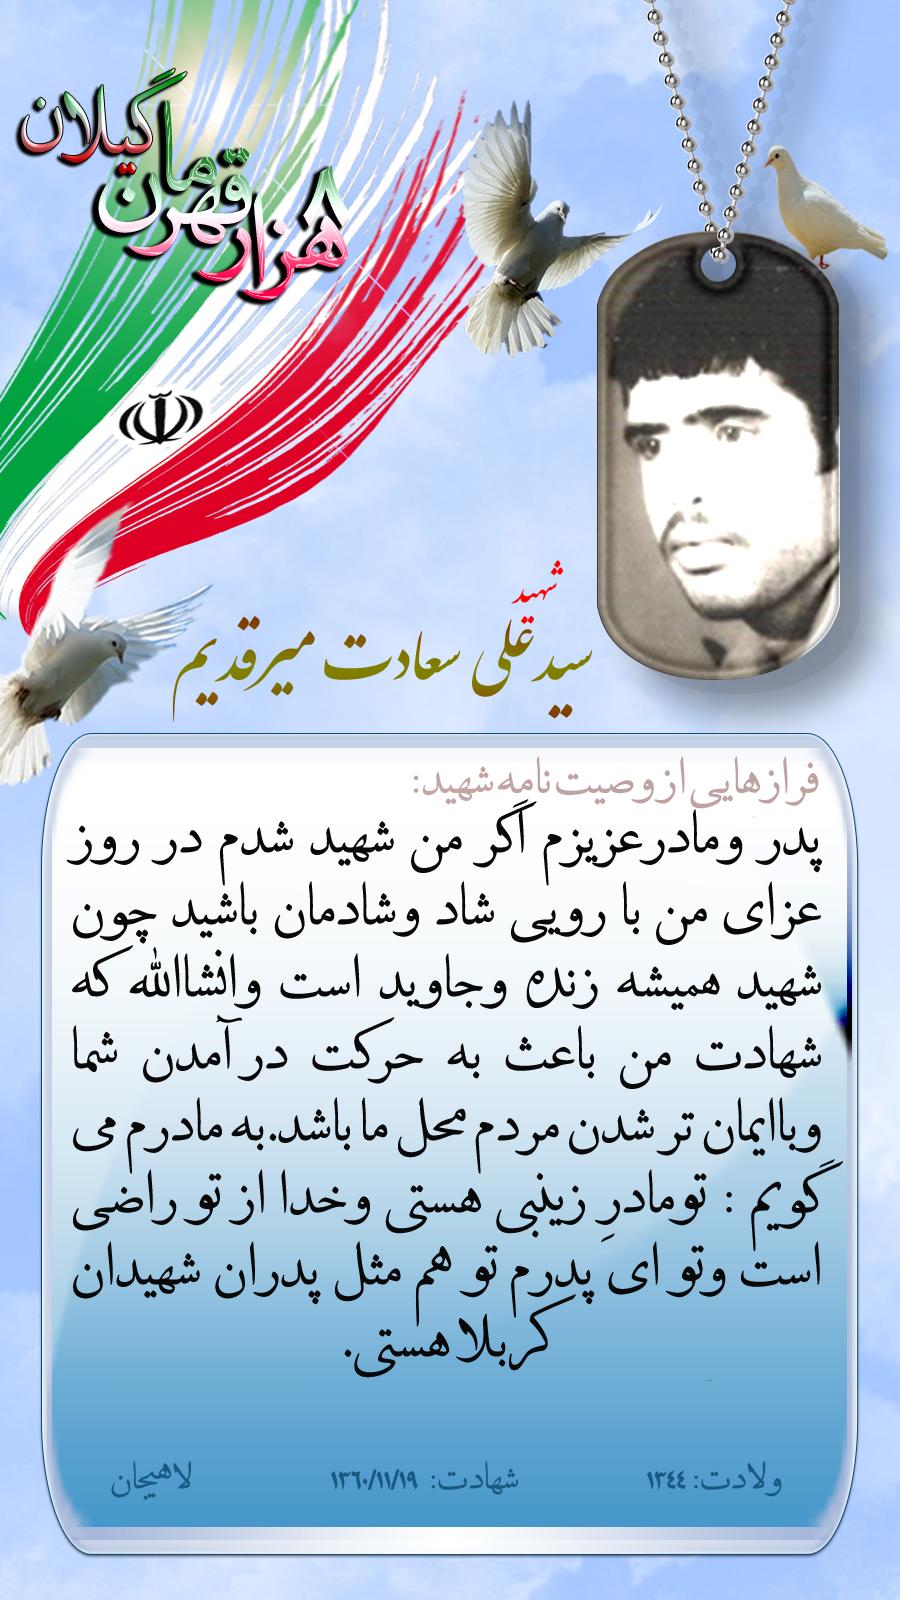 شهید سید علی سعادت میرقدیم